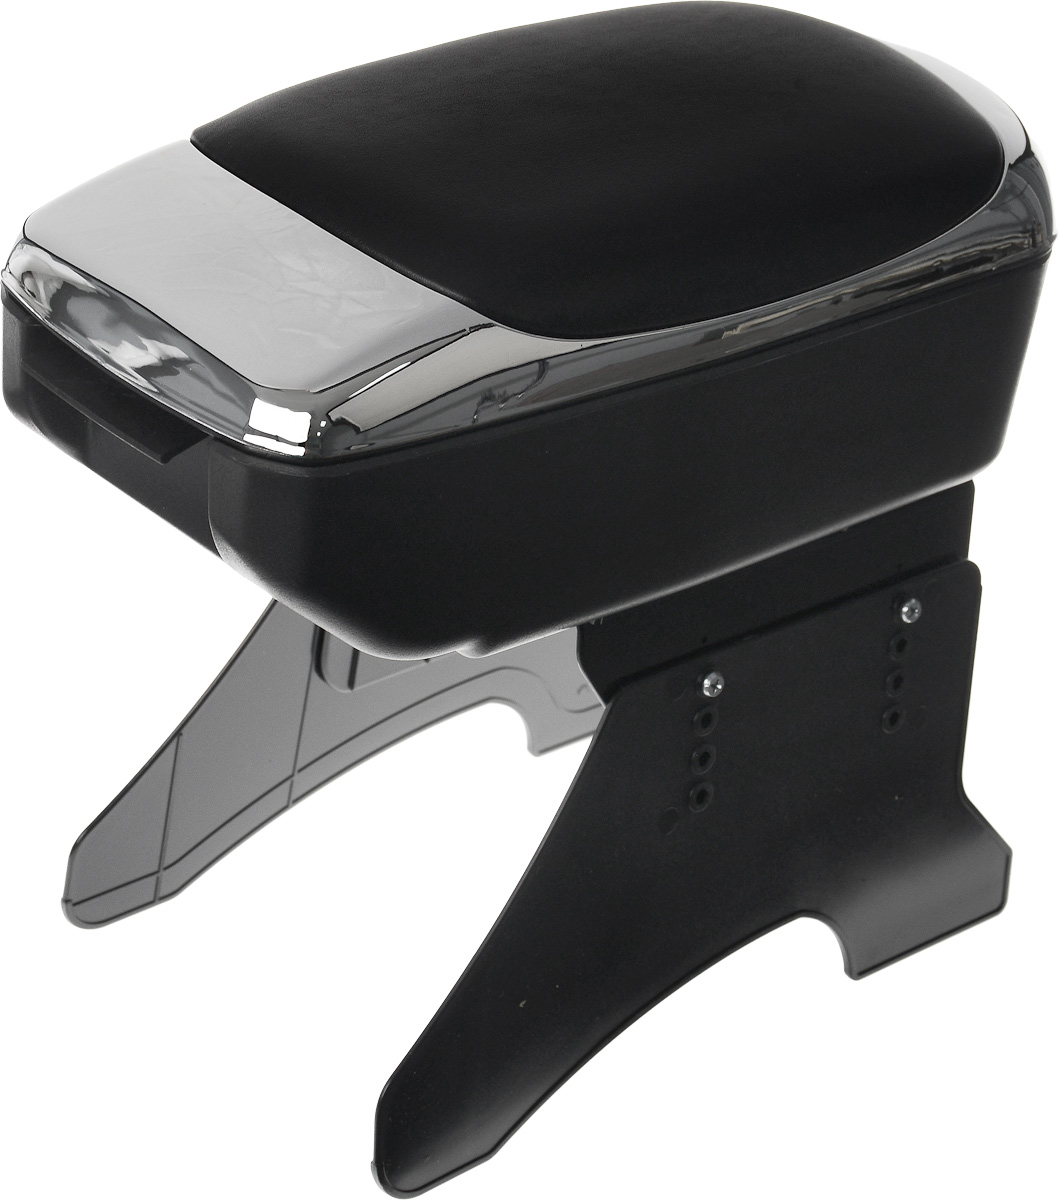 Подлокотник универсальный Azard, цвет: хром, черныйbar00096Универсальный подлокотник Azard изготовлен из прочного пластика и снабжен мягкой вставкой из искусственной кожи. Практичный подлокотник оснащен просторным отсеком. Также имеется небольшая секция для мелочей. Закрывается на замок. Откидывающаяся крышка мягкая и прочная, она послужит удобной опорой для руки при вождении автомобиля. Подлокотник легко и быстро крепится между передними сиденьями автомобиля при помощи пластиковых ножек (крепеж входит в комплект). Подлокотник отлично вписывается в общую концепцию автомобиля, обеспечивая эргономичное использование пространства. Легко очищается мягкой тканью. Установка подлокотника не требует специальных навыков или инструментов и займет не более 10 минут. Установка подлокотника не снижает уровень безопасности автомобиля, не мешает креплению ремней безопасности, а также обеспечивает свободный доступ к рычагу стояночного тормоза. Модель соответствует стандарту ЕЭК ООН.